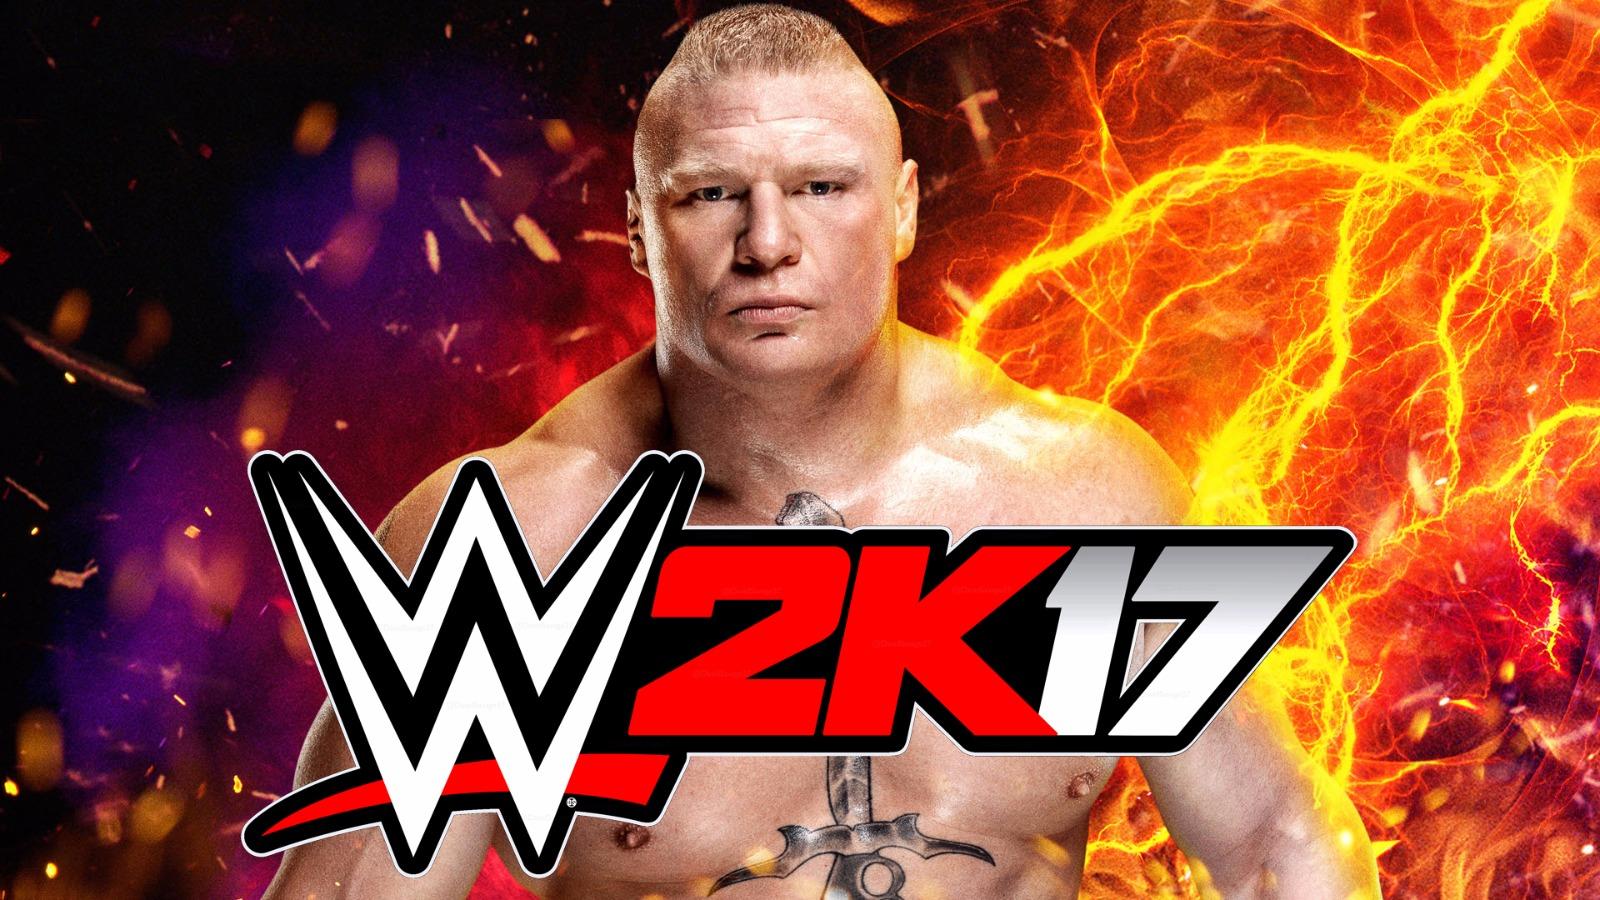 WWE 2k17 Thumb by Björn